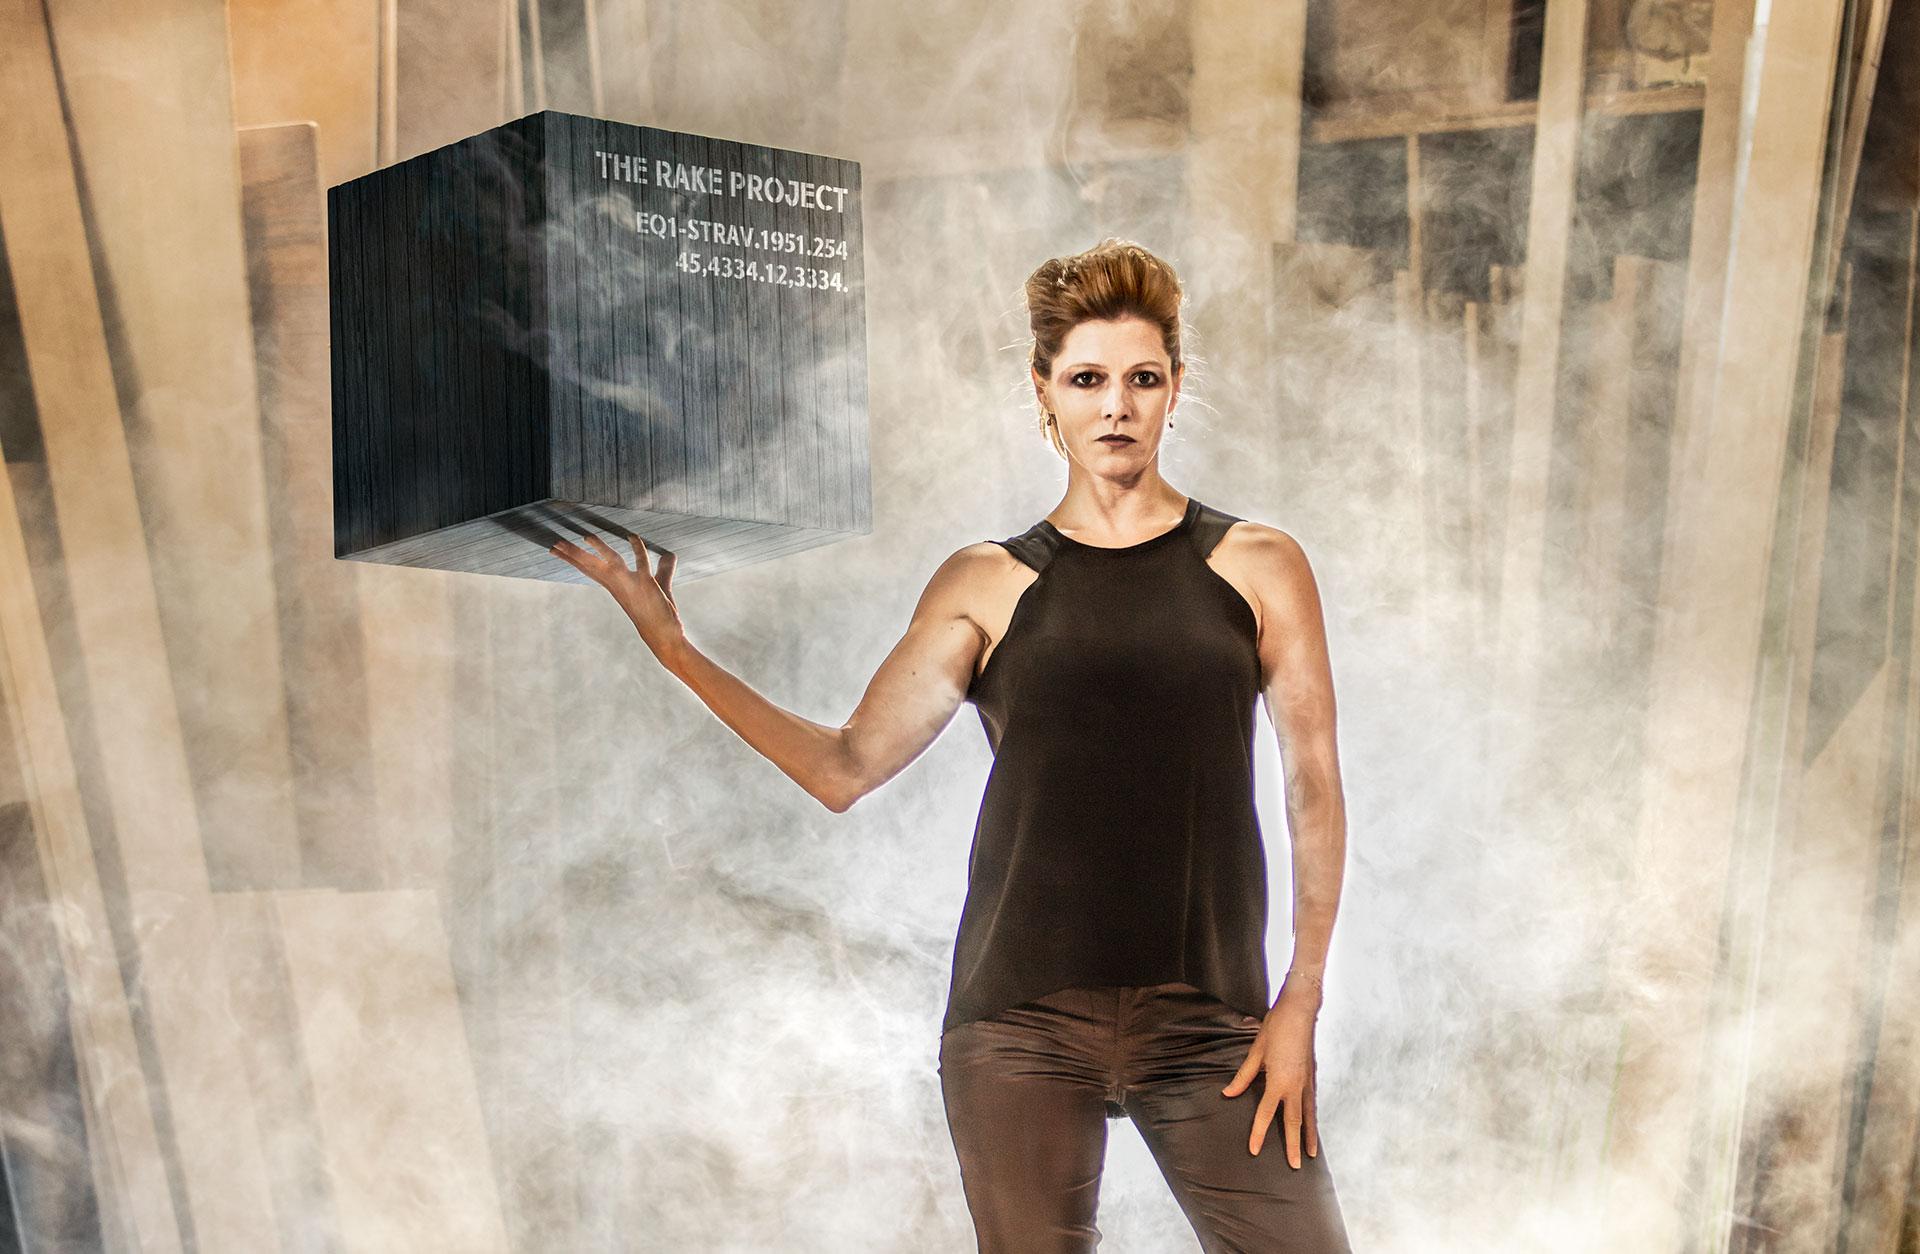 Barbara Hannigan står och håller upp en svart låda med orden A rake project.